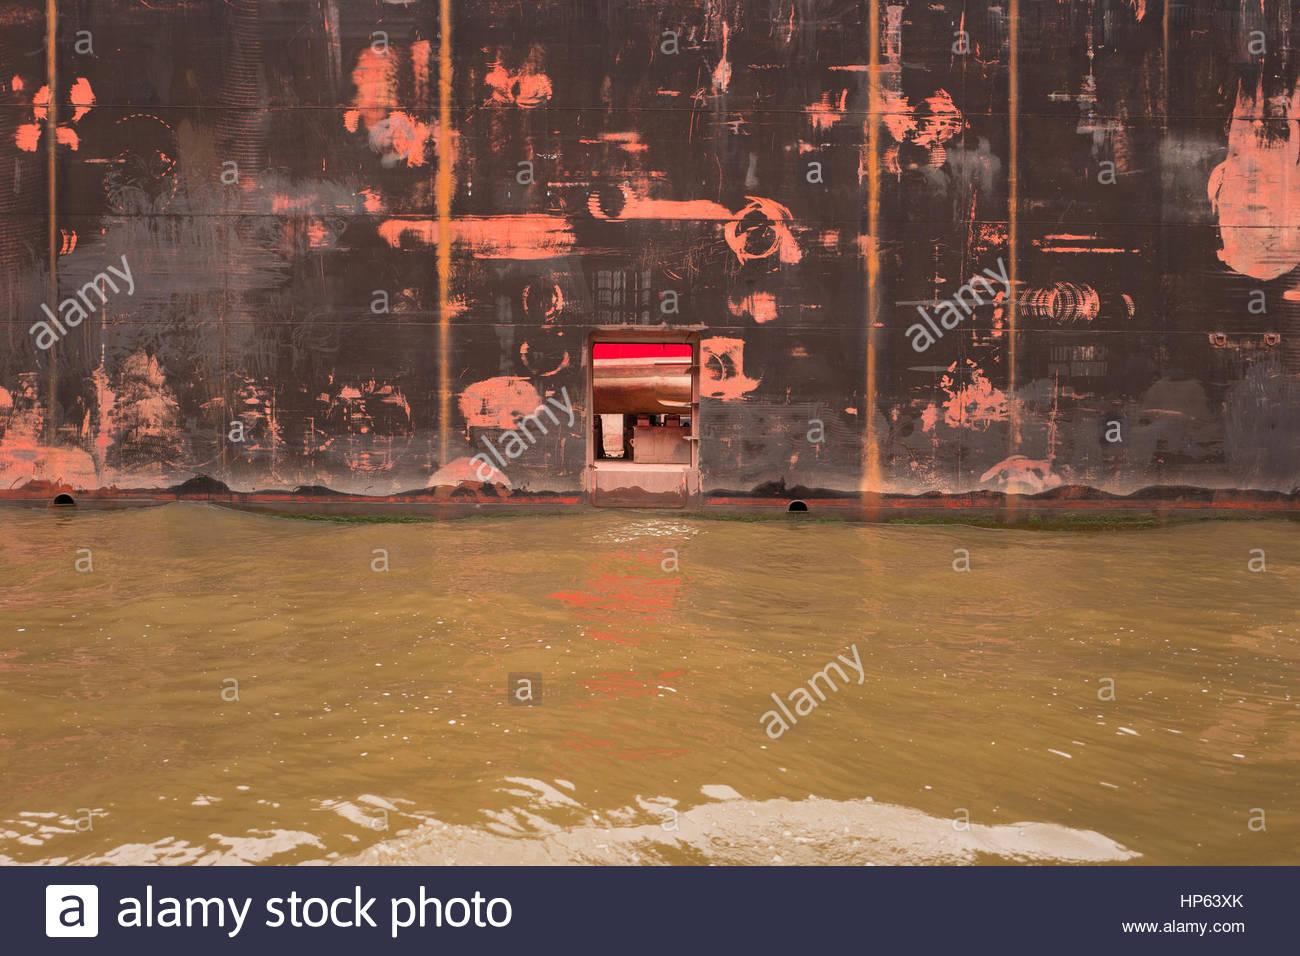 Hull floating dry dock window door dirty sea water - Stock Image & Floating Door Stock Photos u0026 Floating Door Stock Images - Alamy pezcame.com